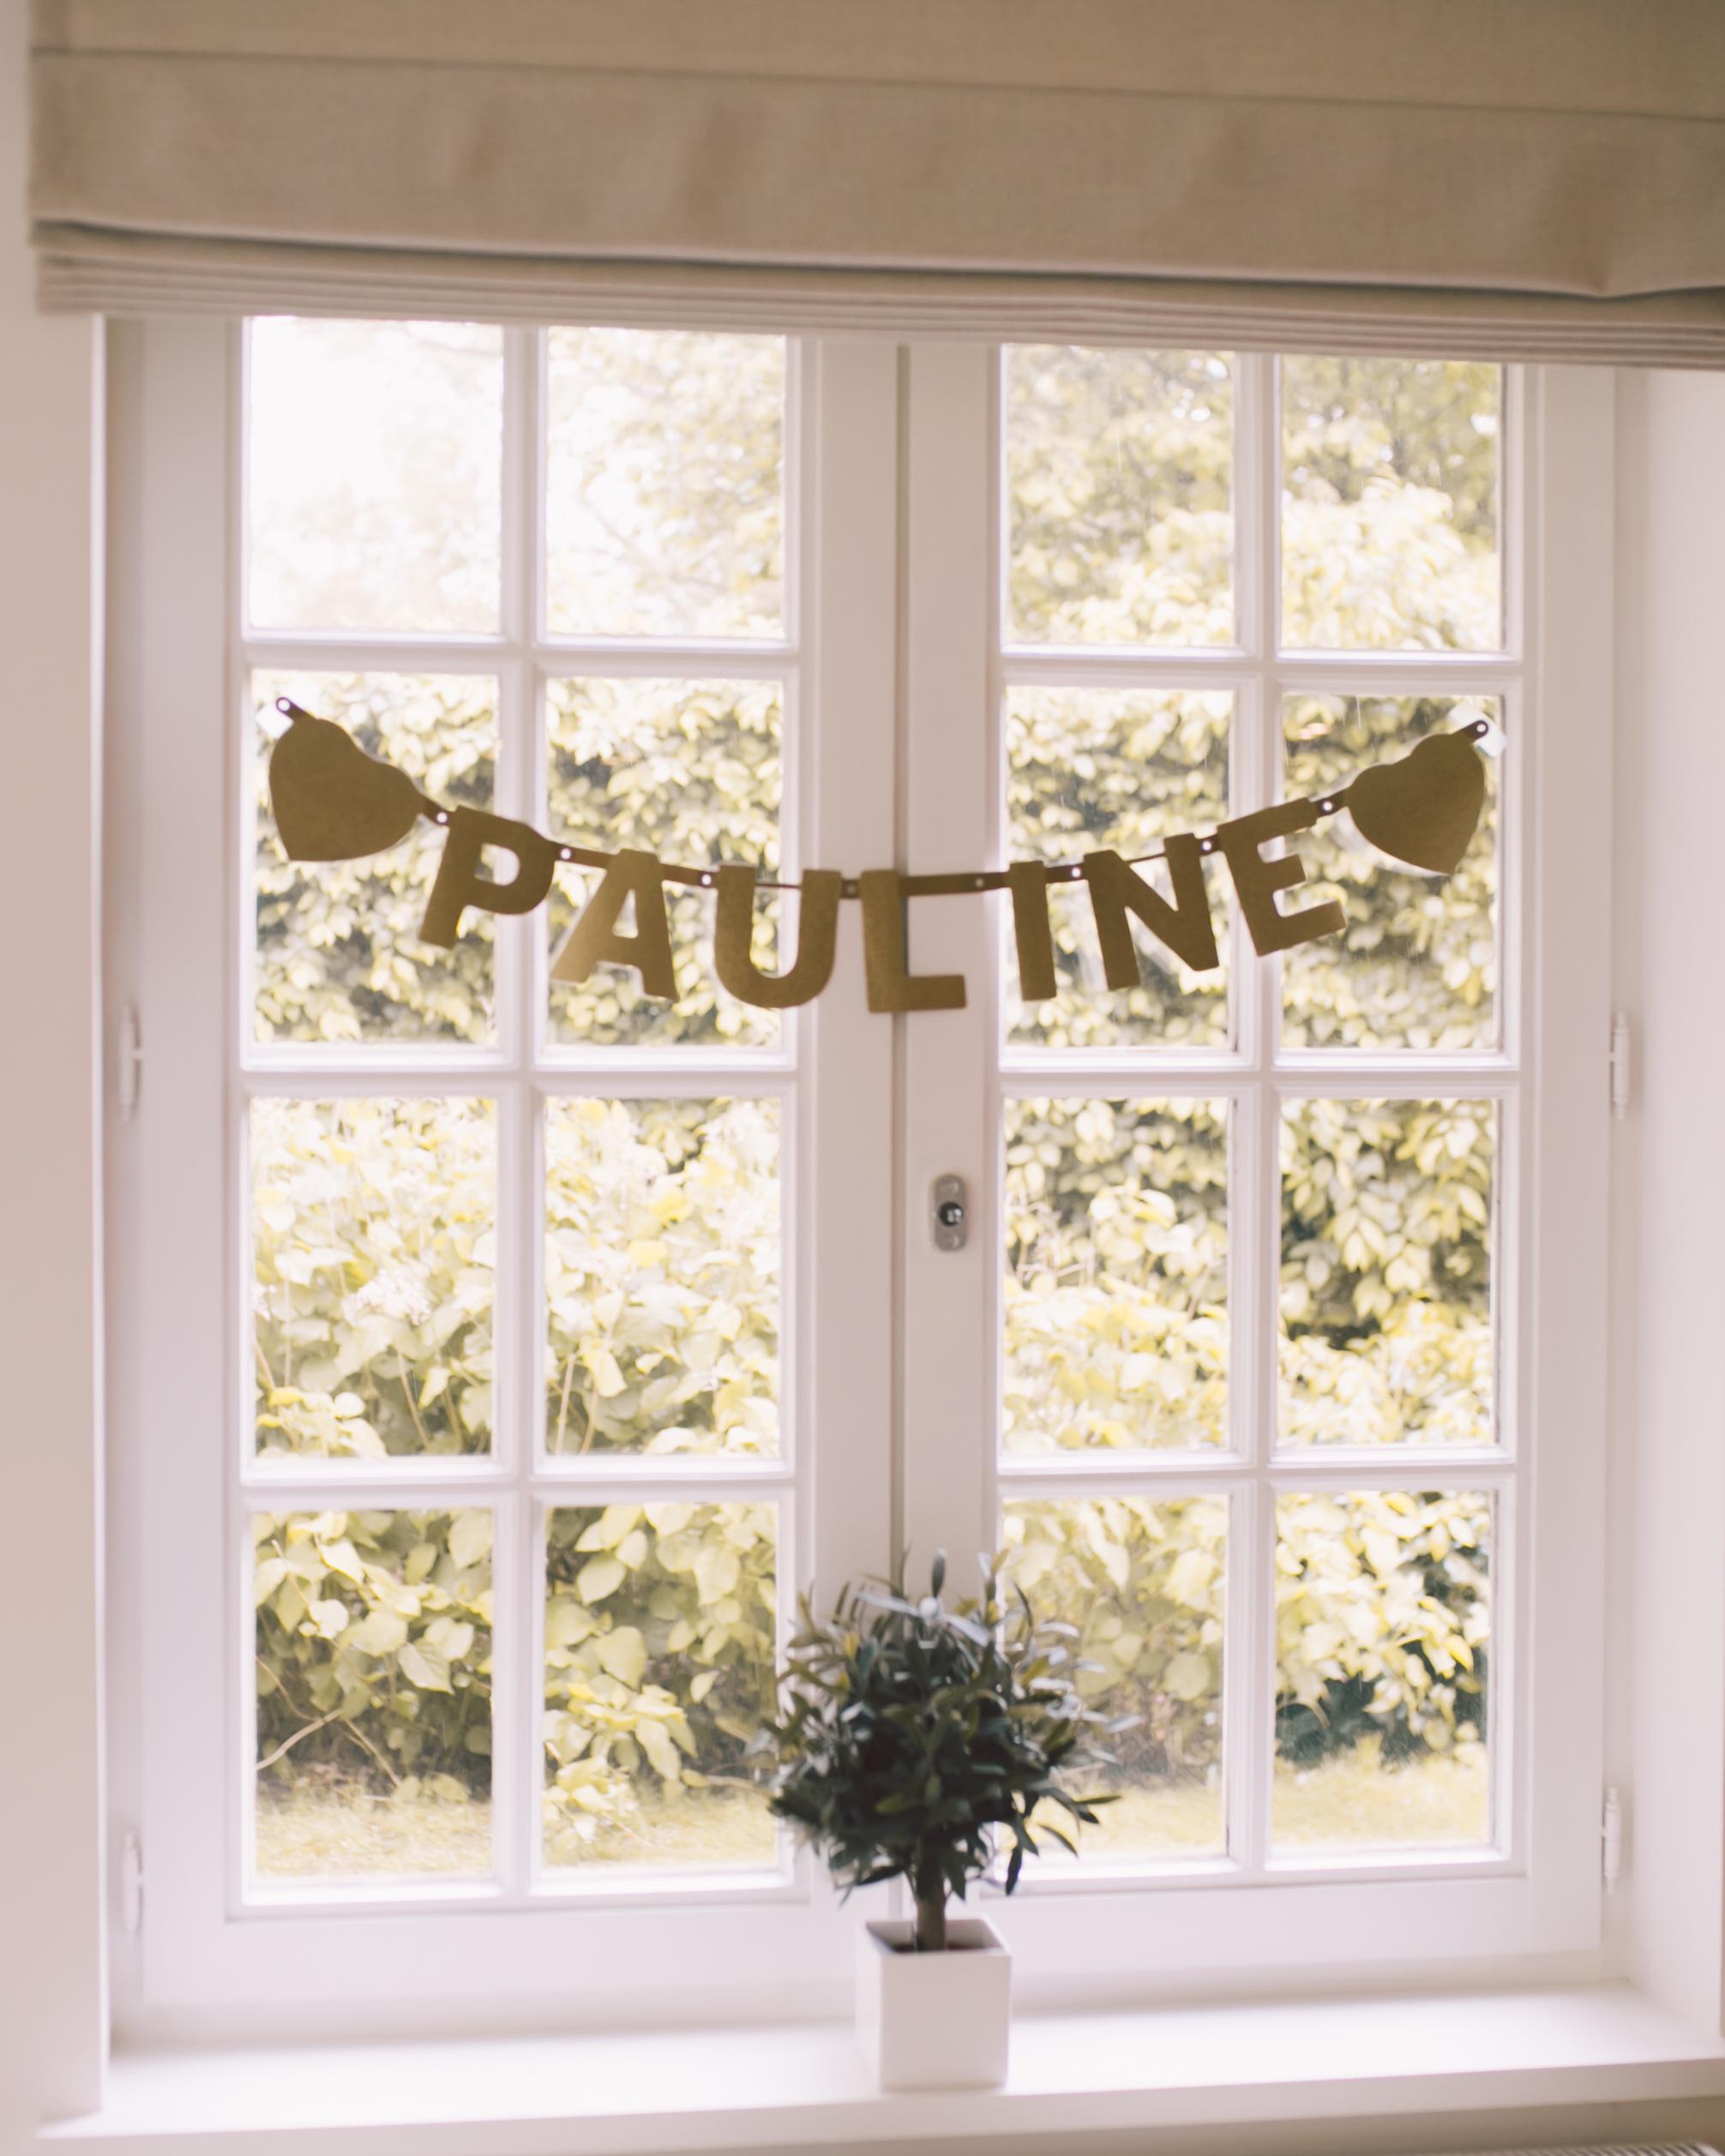 Pauline-0503